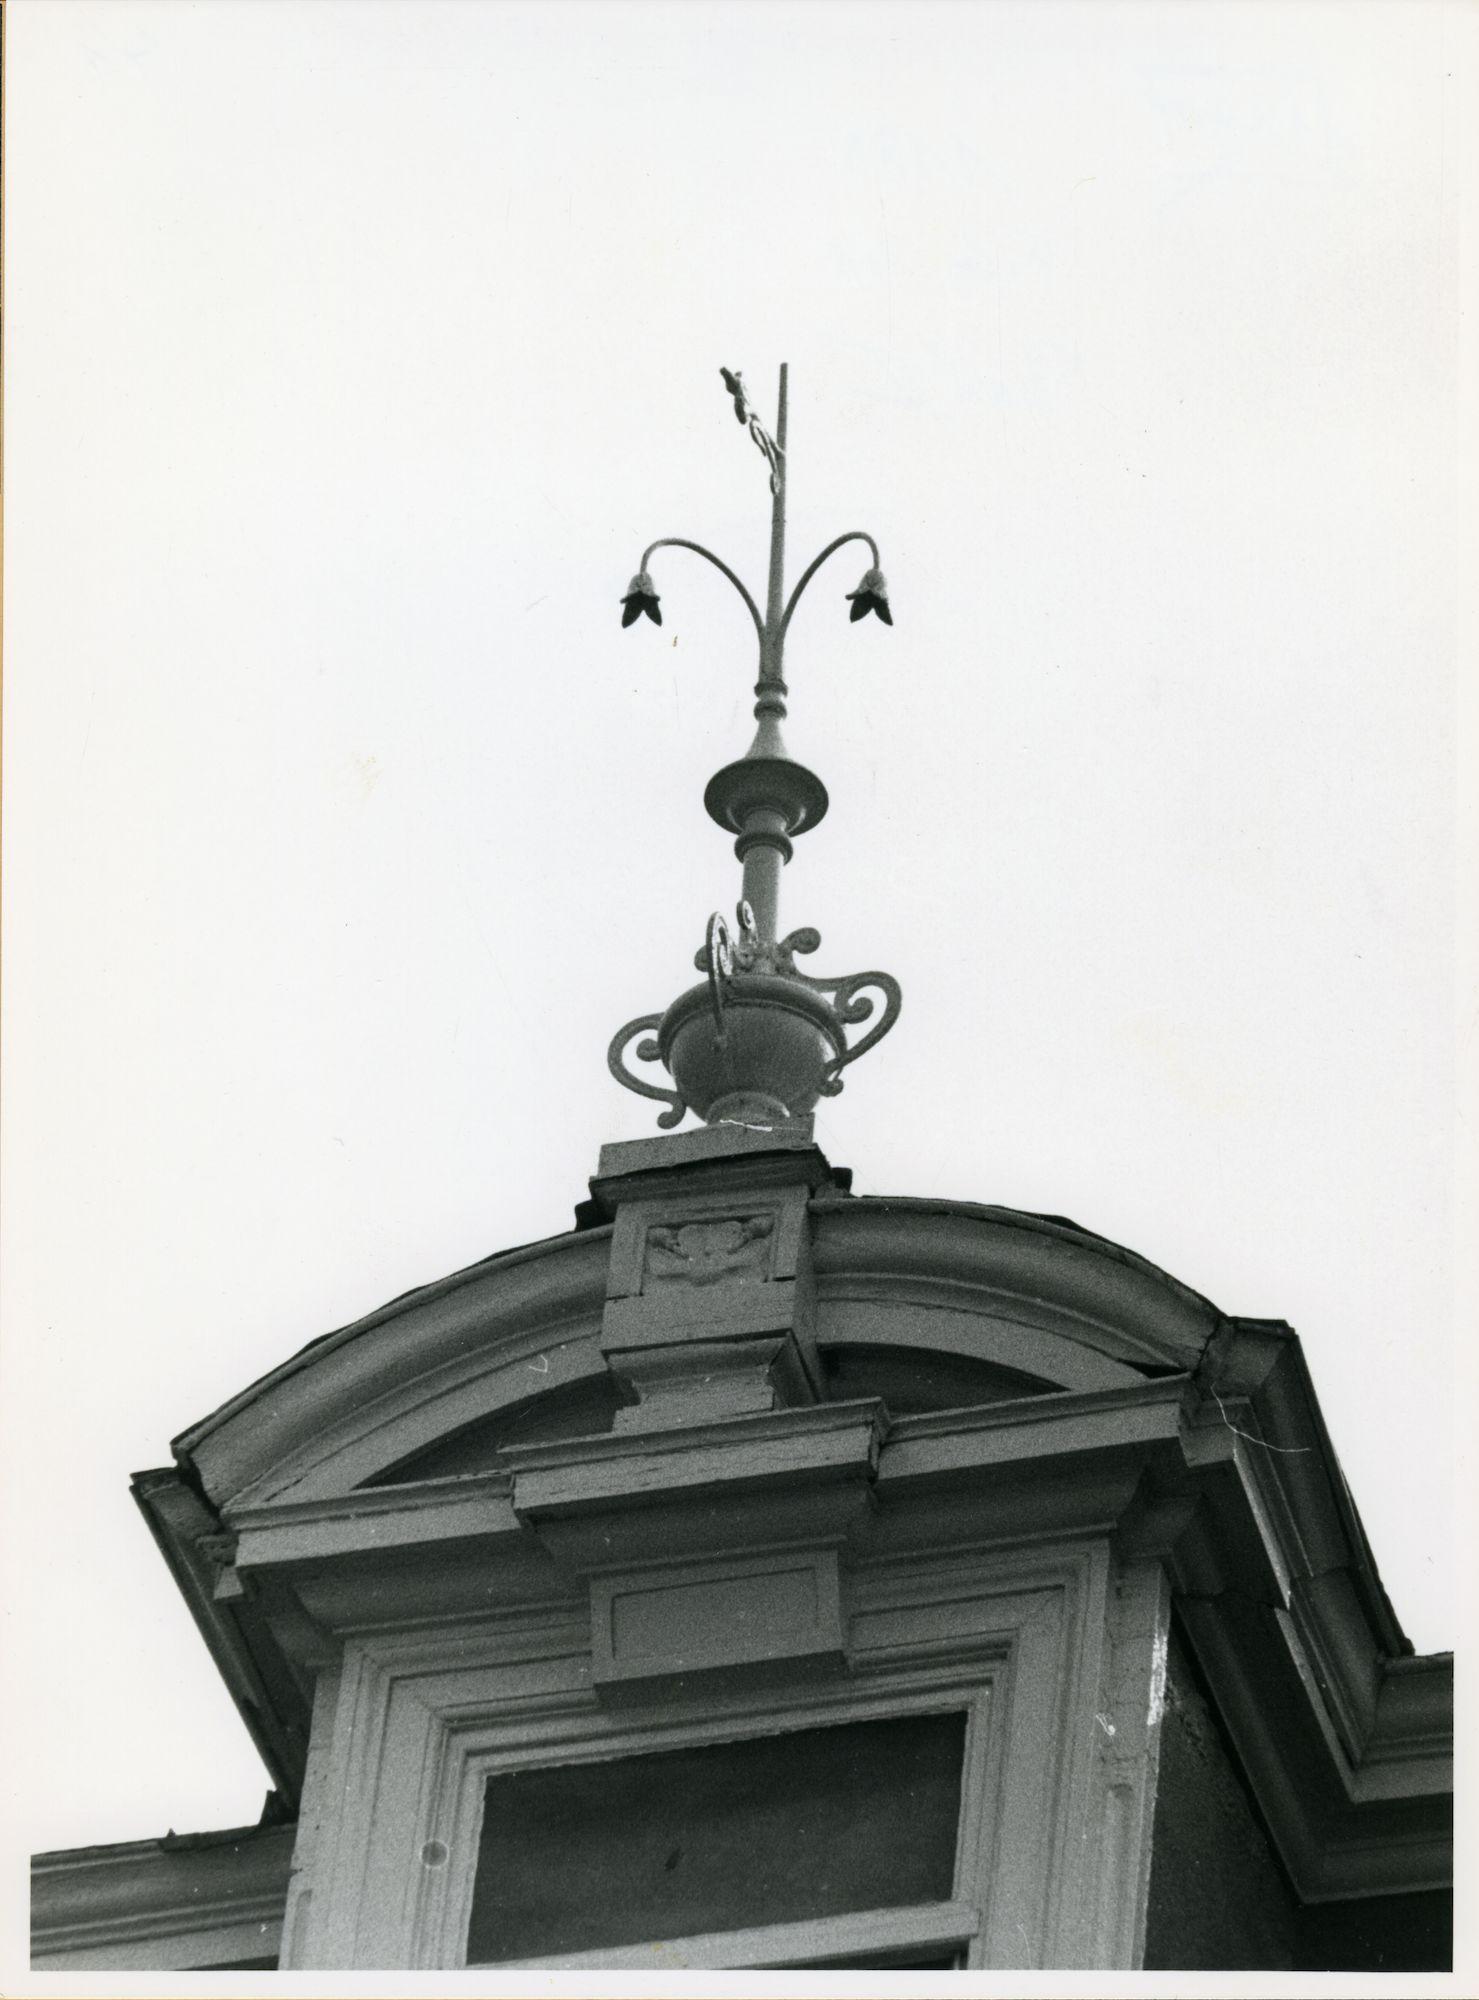 Gent: Vlaanderenstraat 93: Nokversiering, 1979